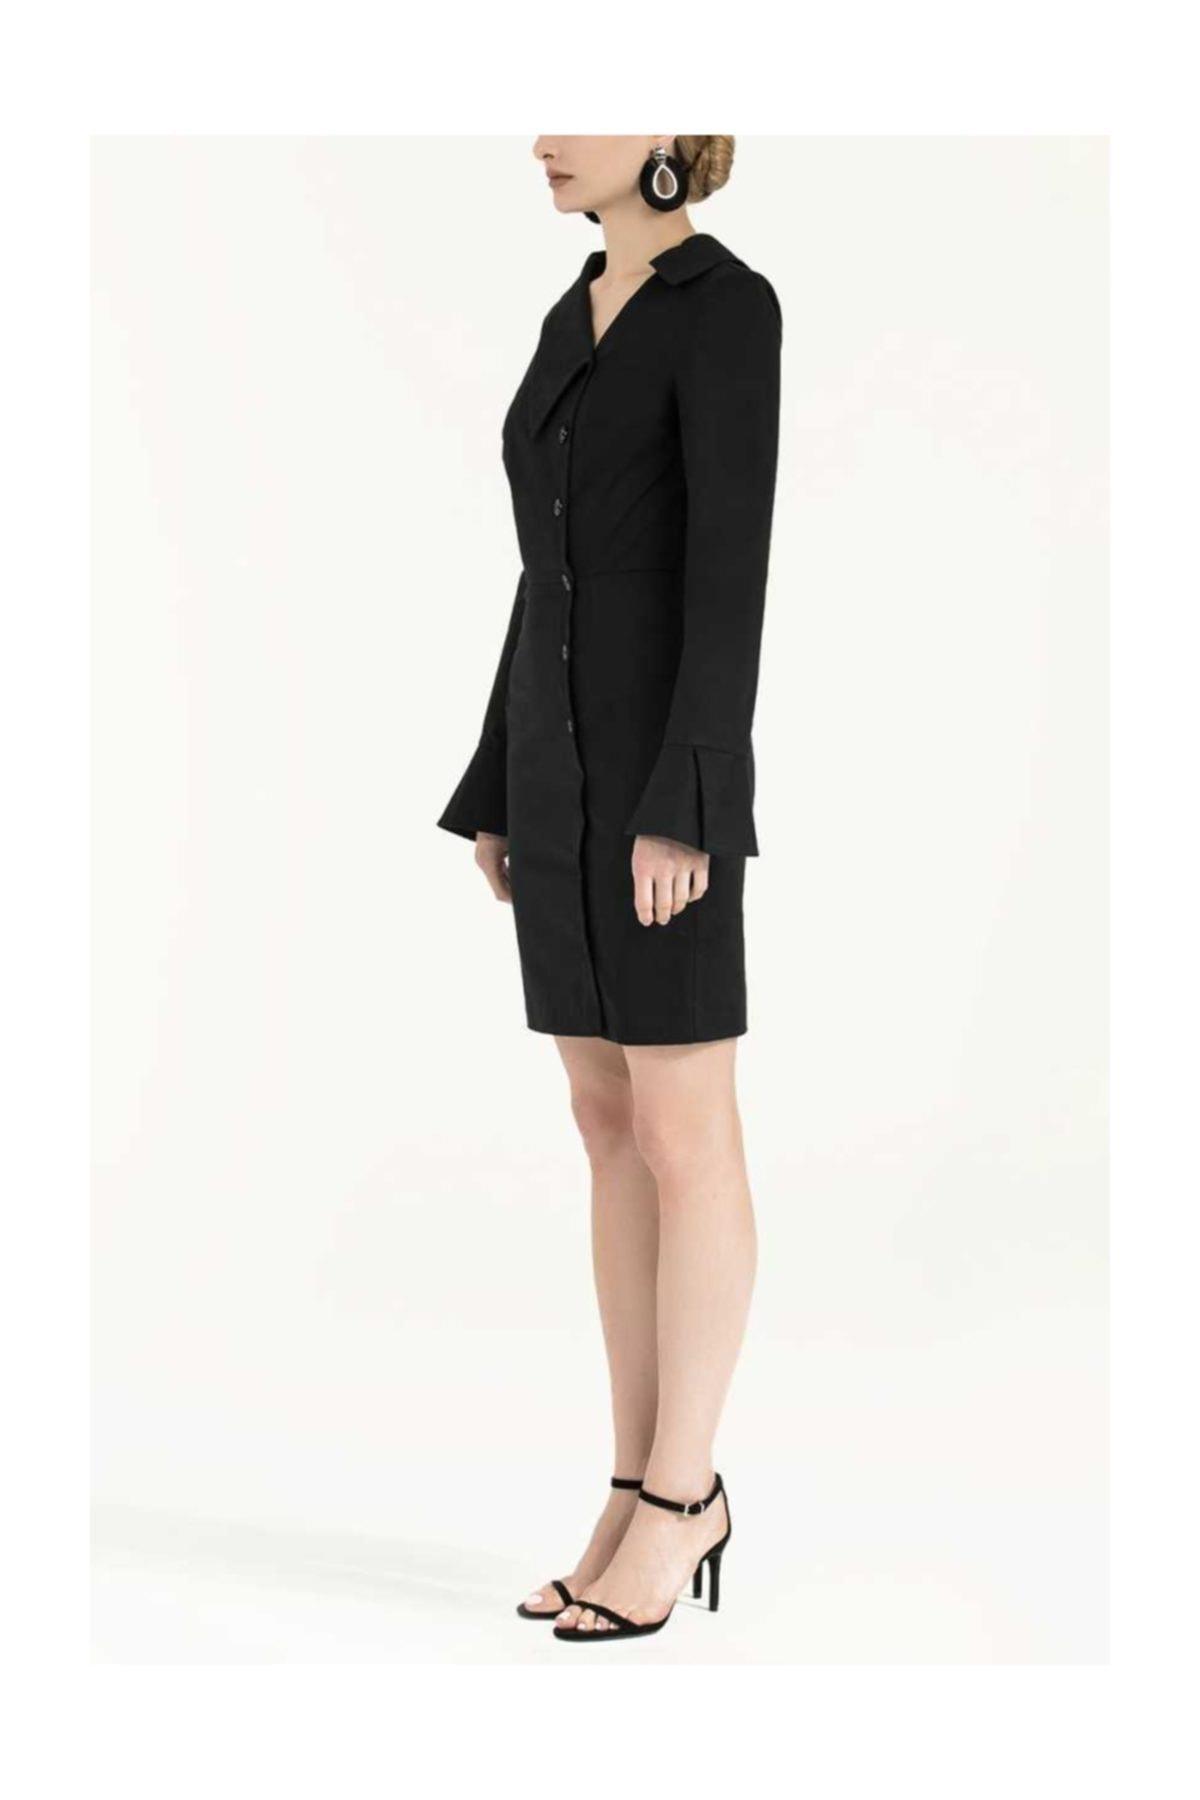 SOCIETA Düğmeli Asimetrik Yaka Dar Kesim Elbise Siyah 2